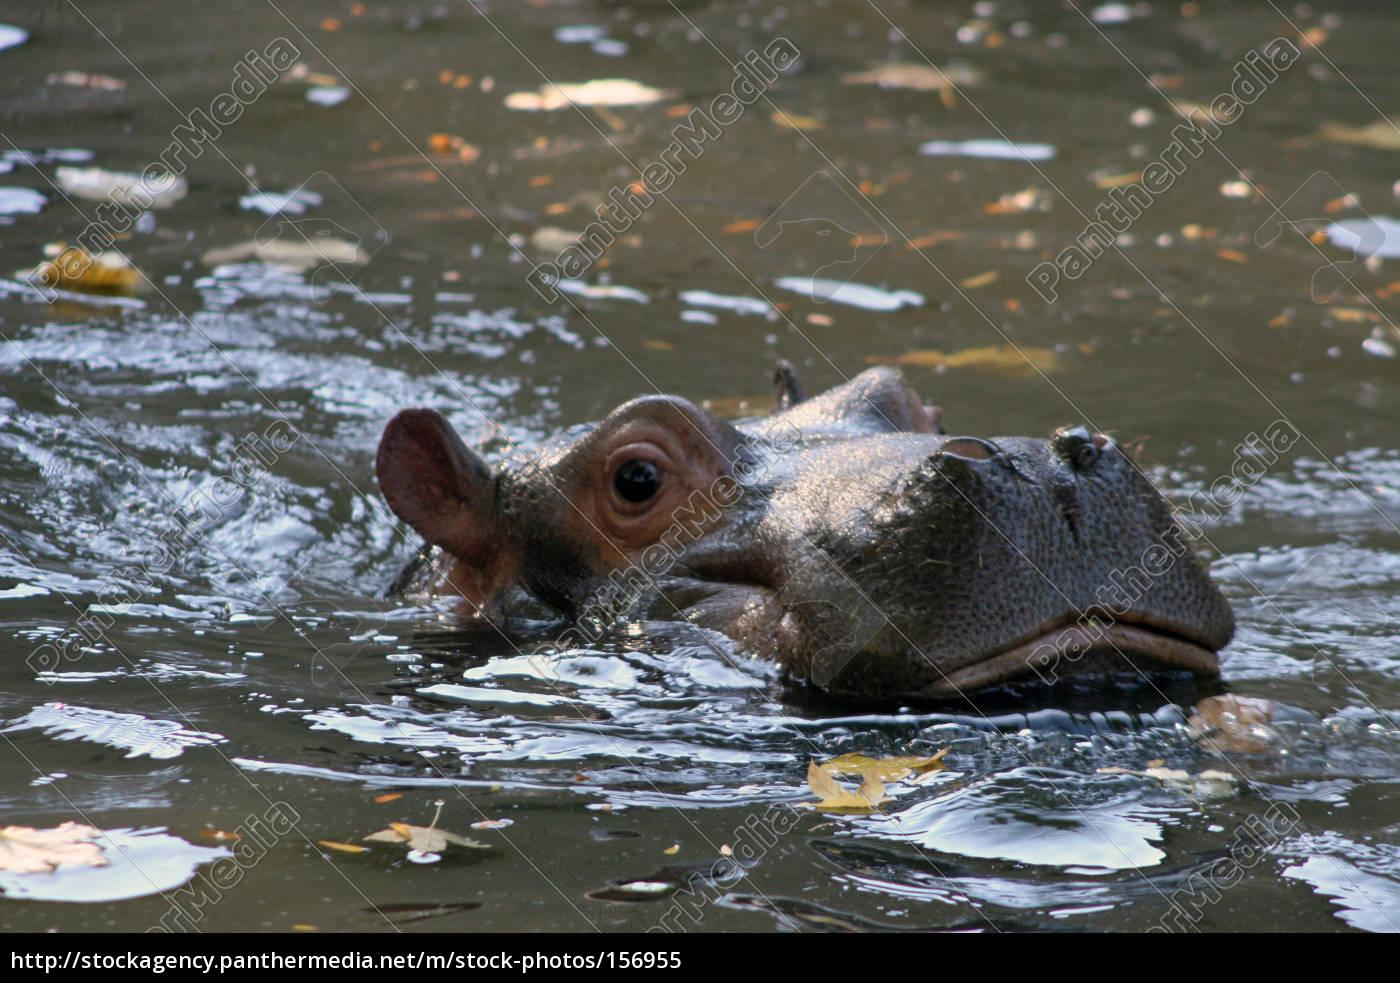 hippo, baby - 156955